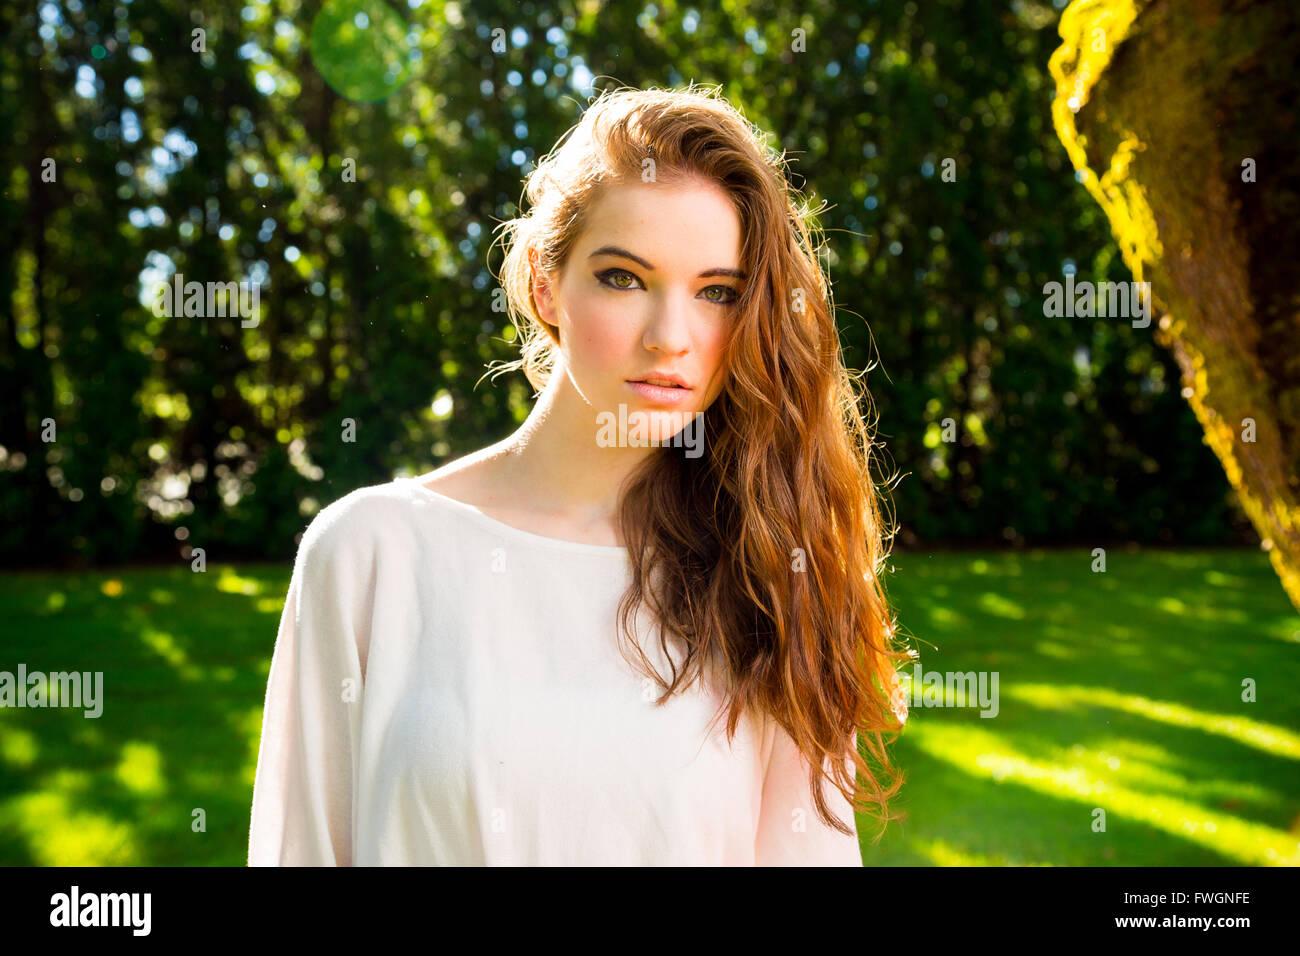 Una giovane e bella ragazza in posa per una moda stile ritratto